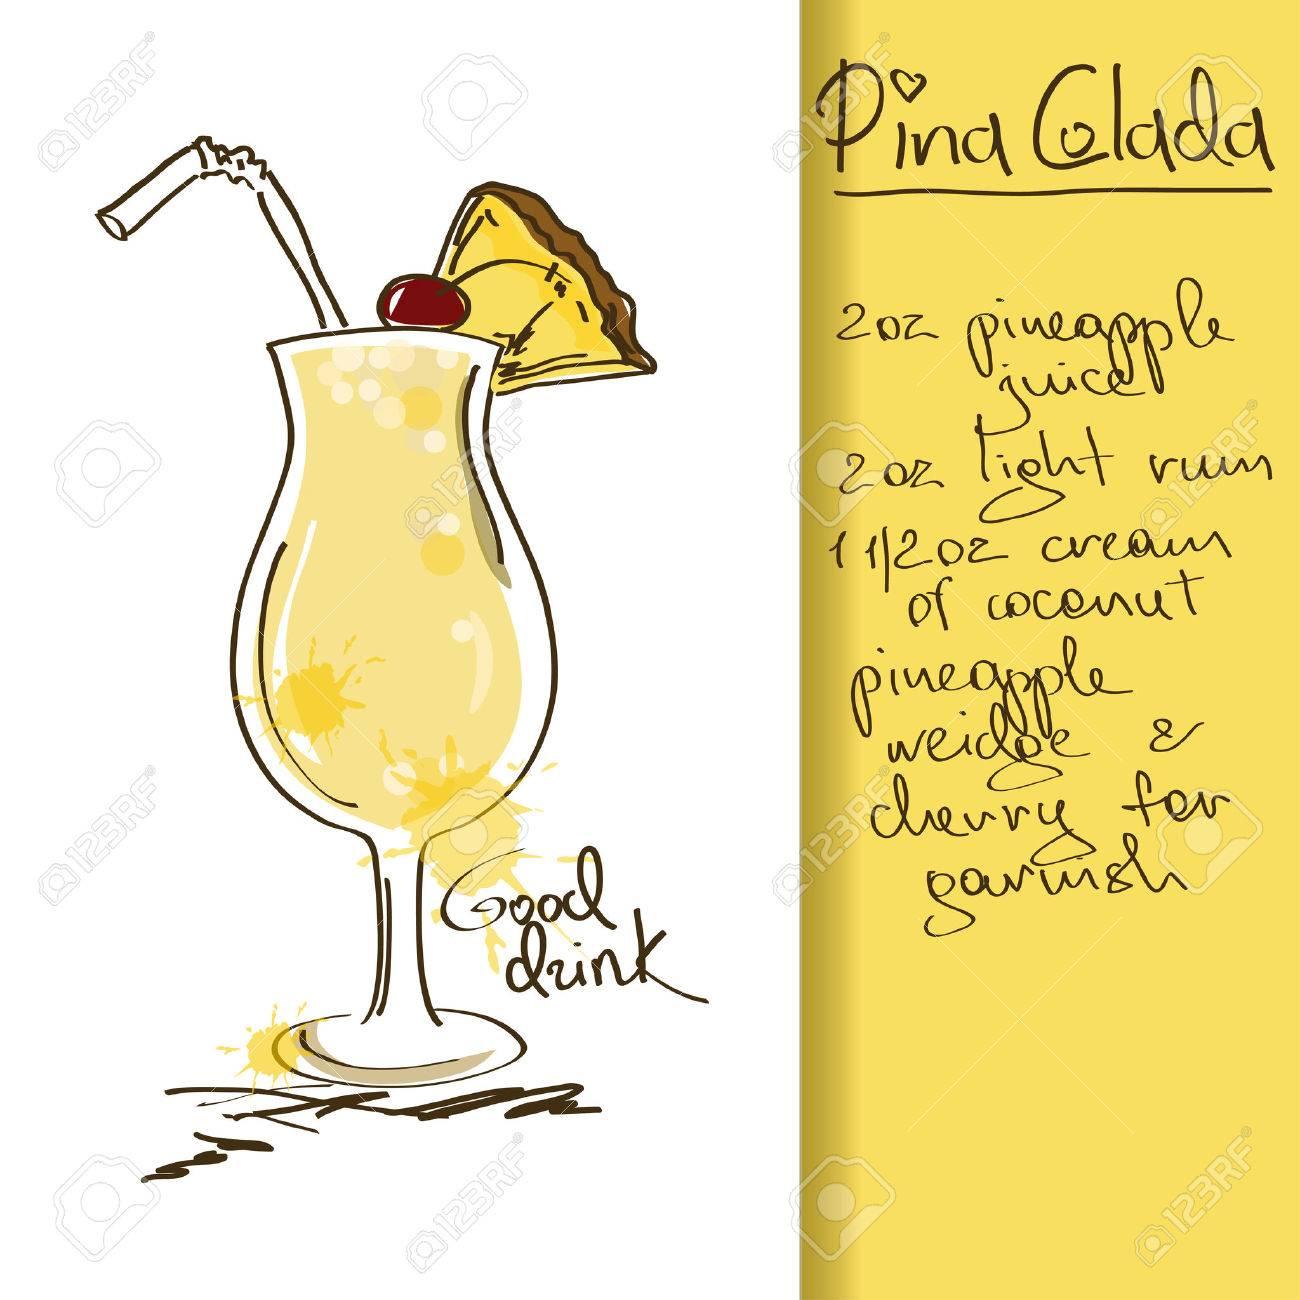 Pina colada cocktail  Illustration Mit Hand Gezeichnet Pina Colada Cocktail Lizenzfrei ...